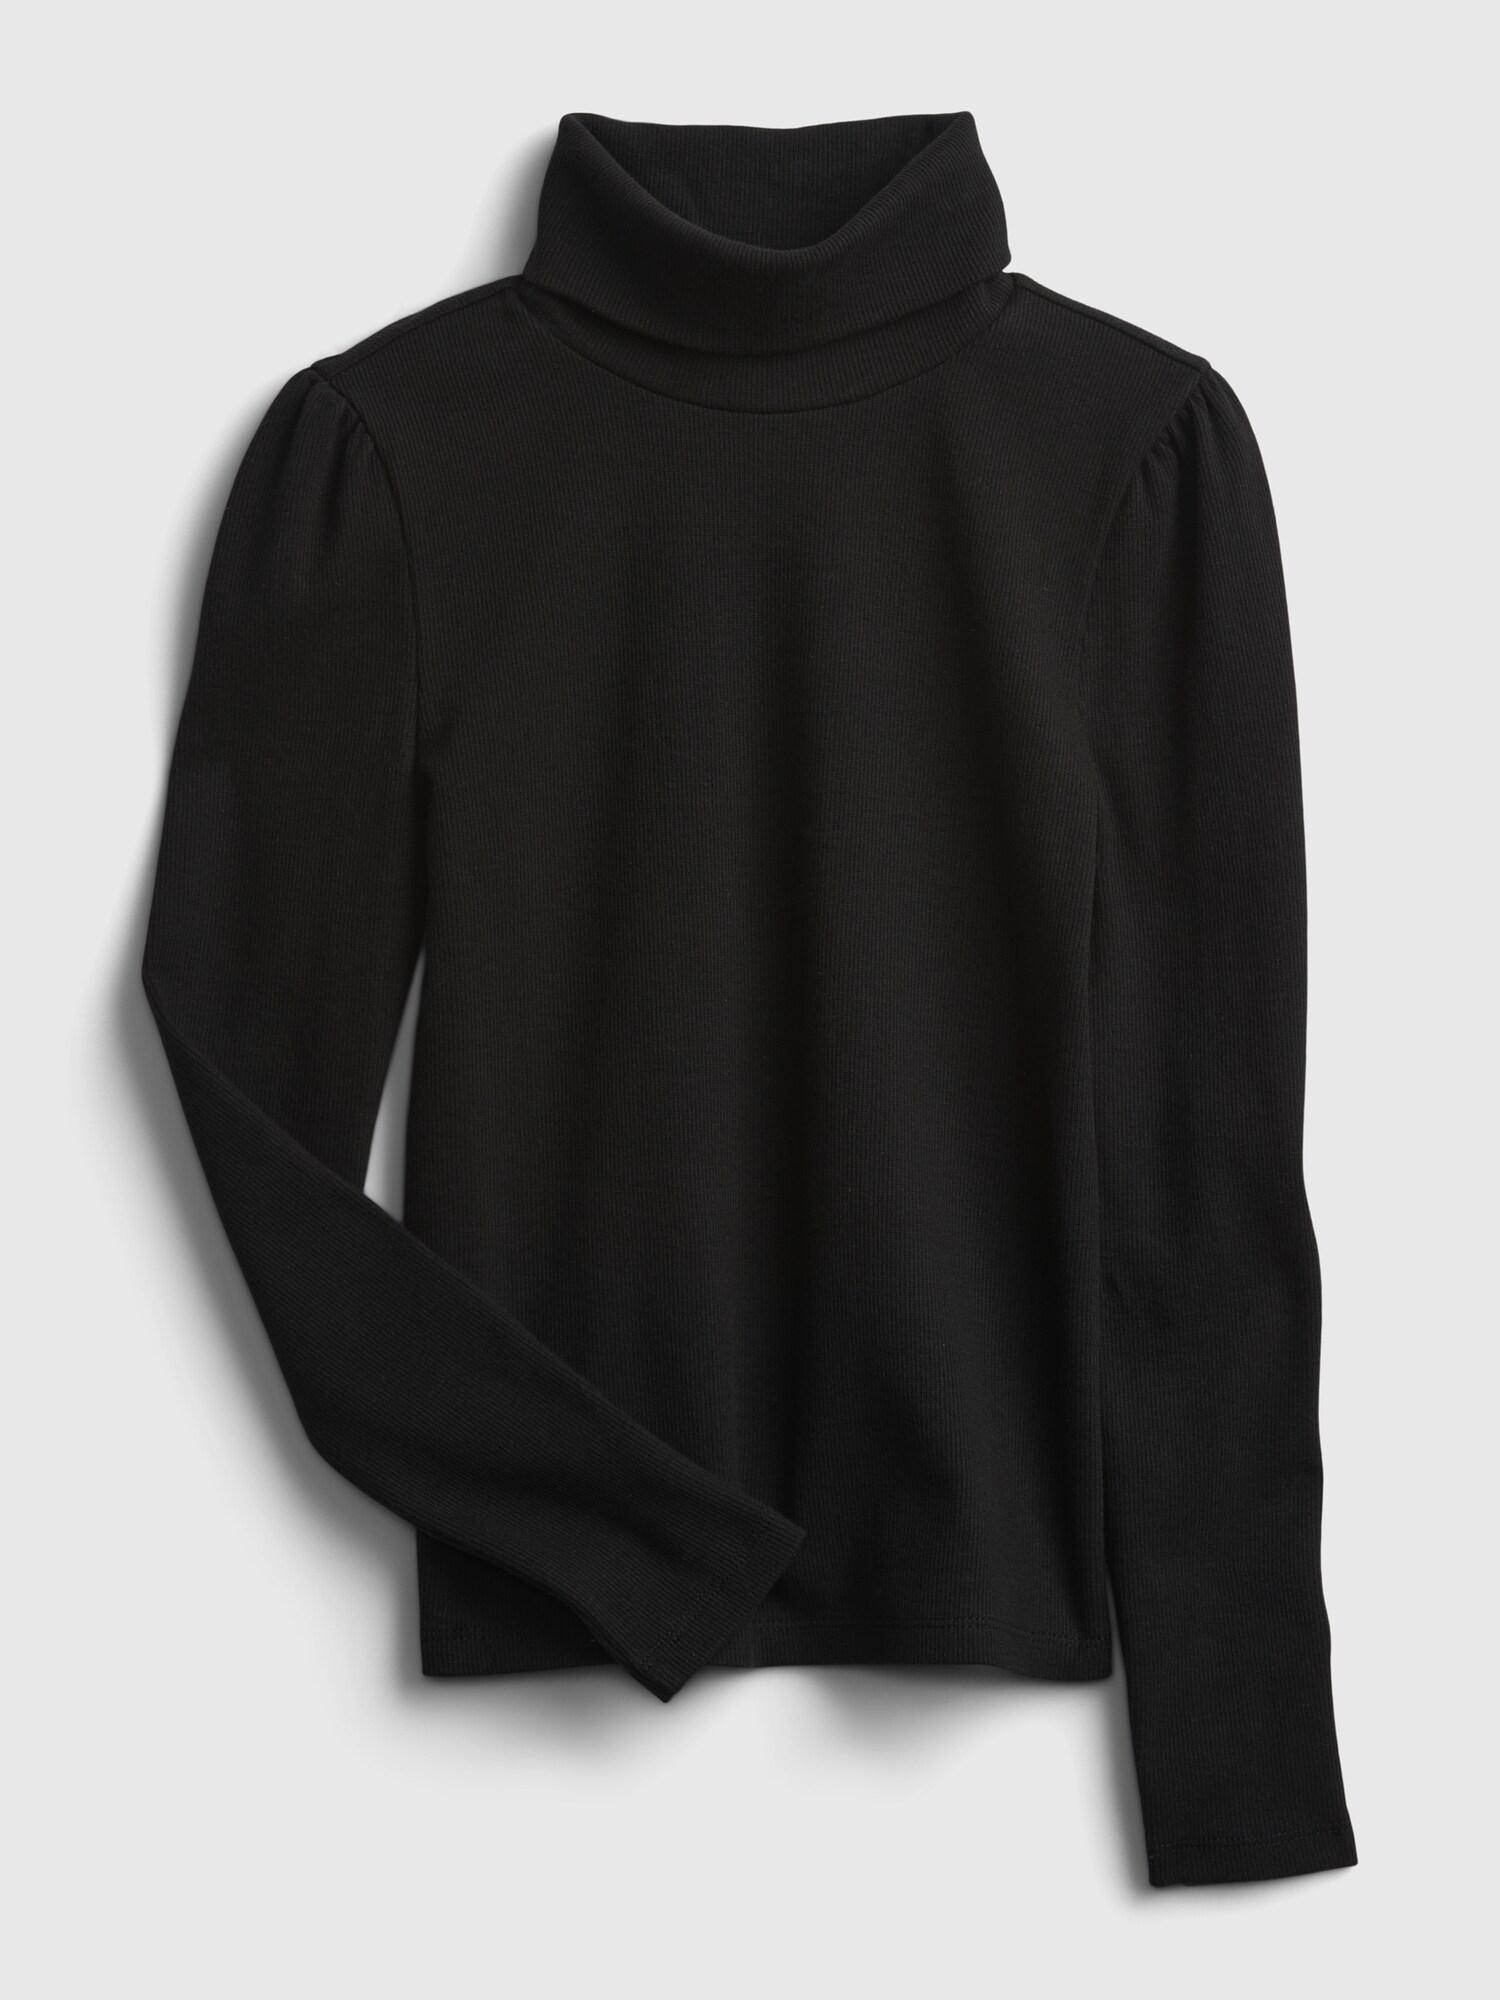 リブタートルネックtシャツ (キッズ)